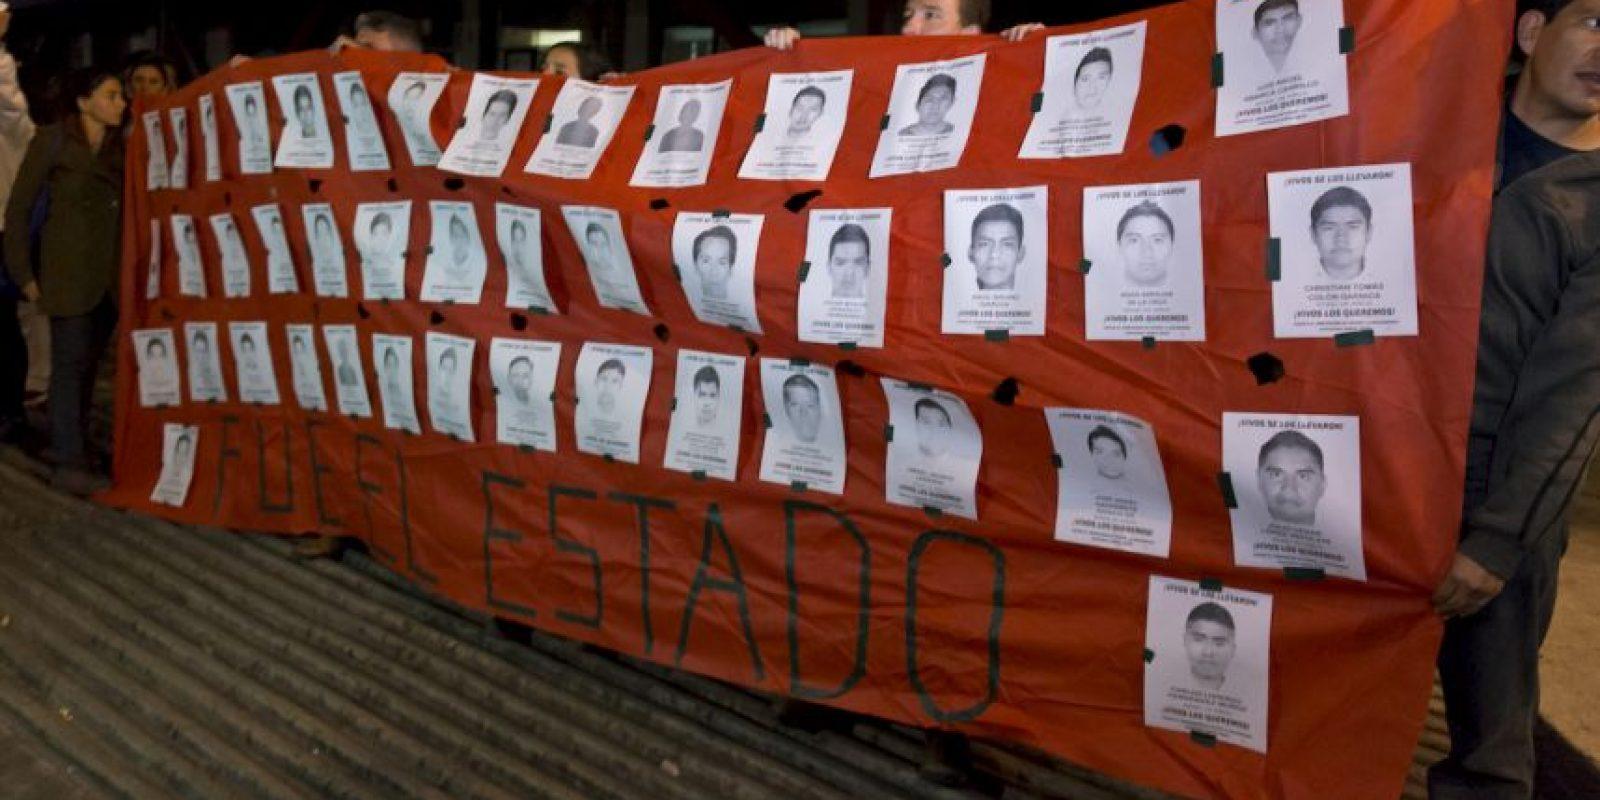 Según el diario español El País, un gran número de personas vive precariamente en el estado de Guerrero. Foto:AFP